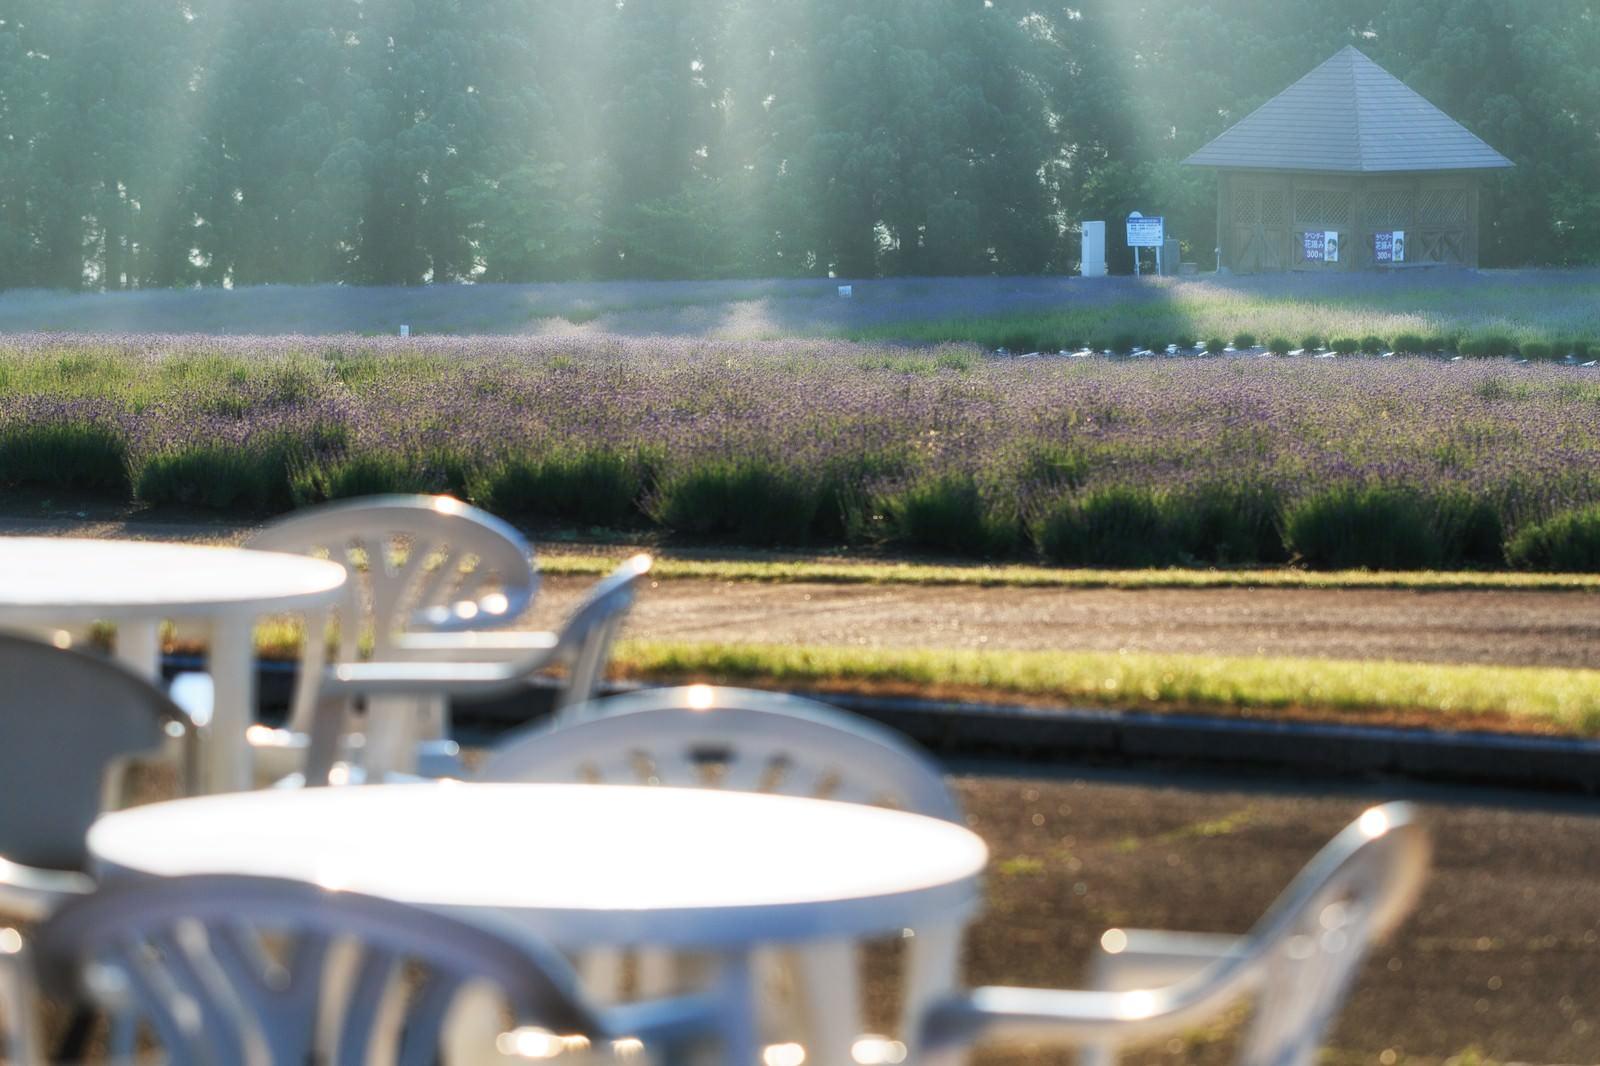 「光が差し込むラベンダー畑とテーブル」の写真